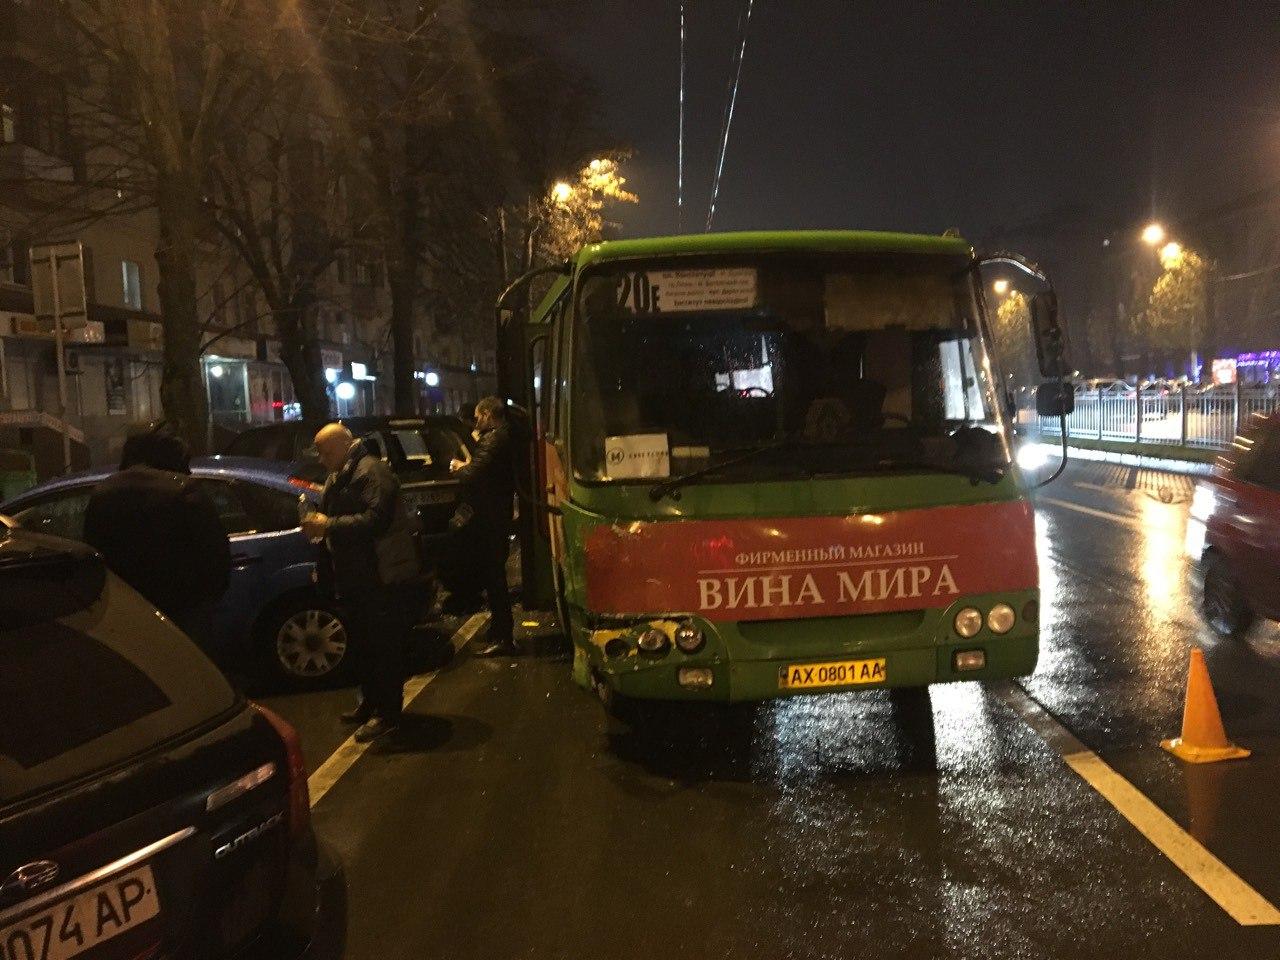 http://gx.net.ua/news_images/1512386904.jpg